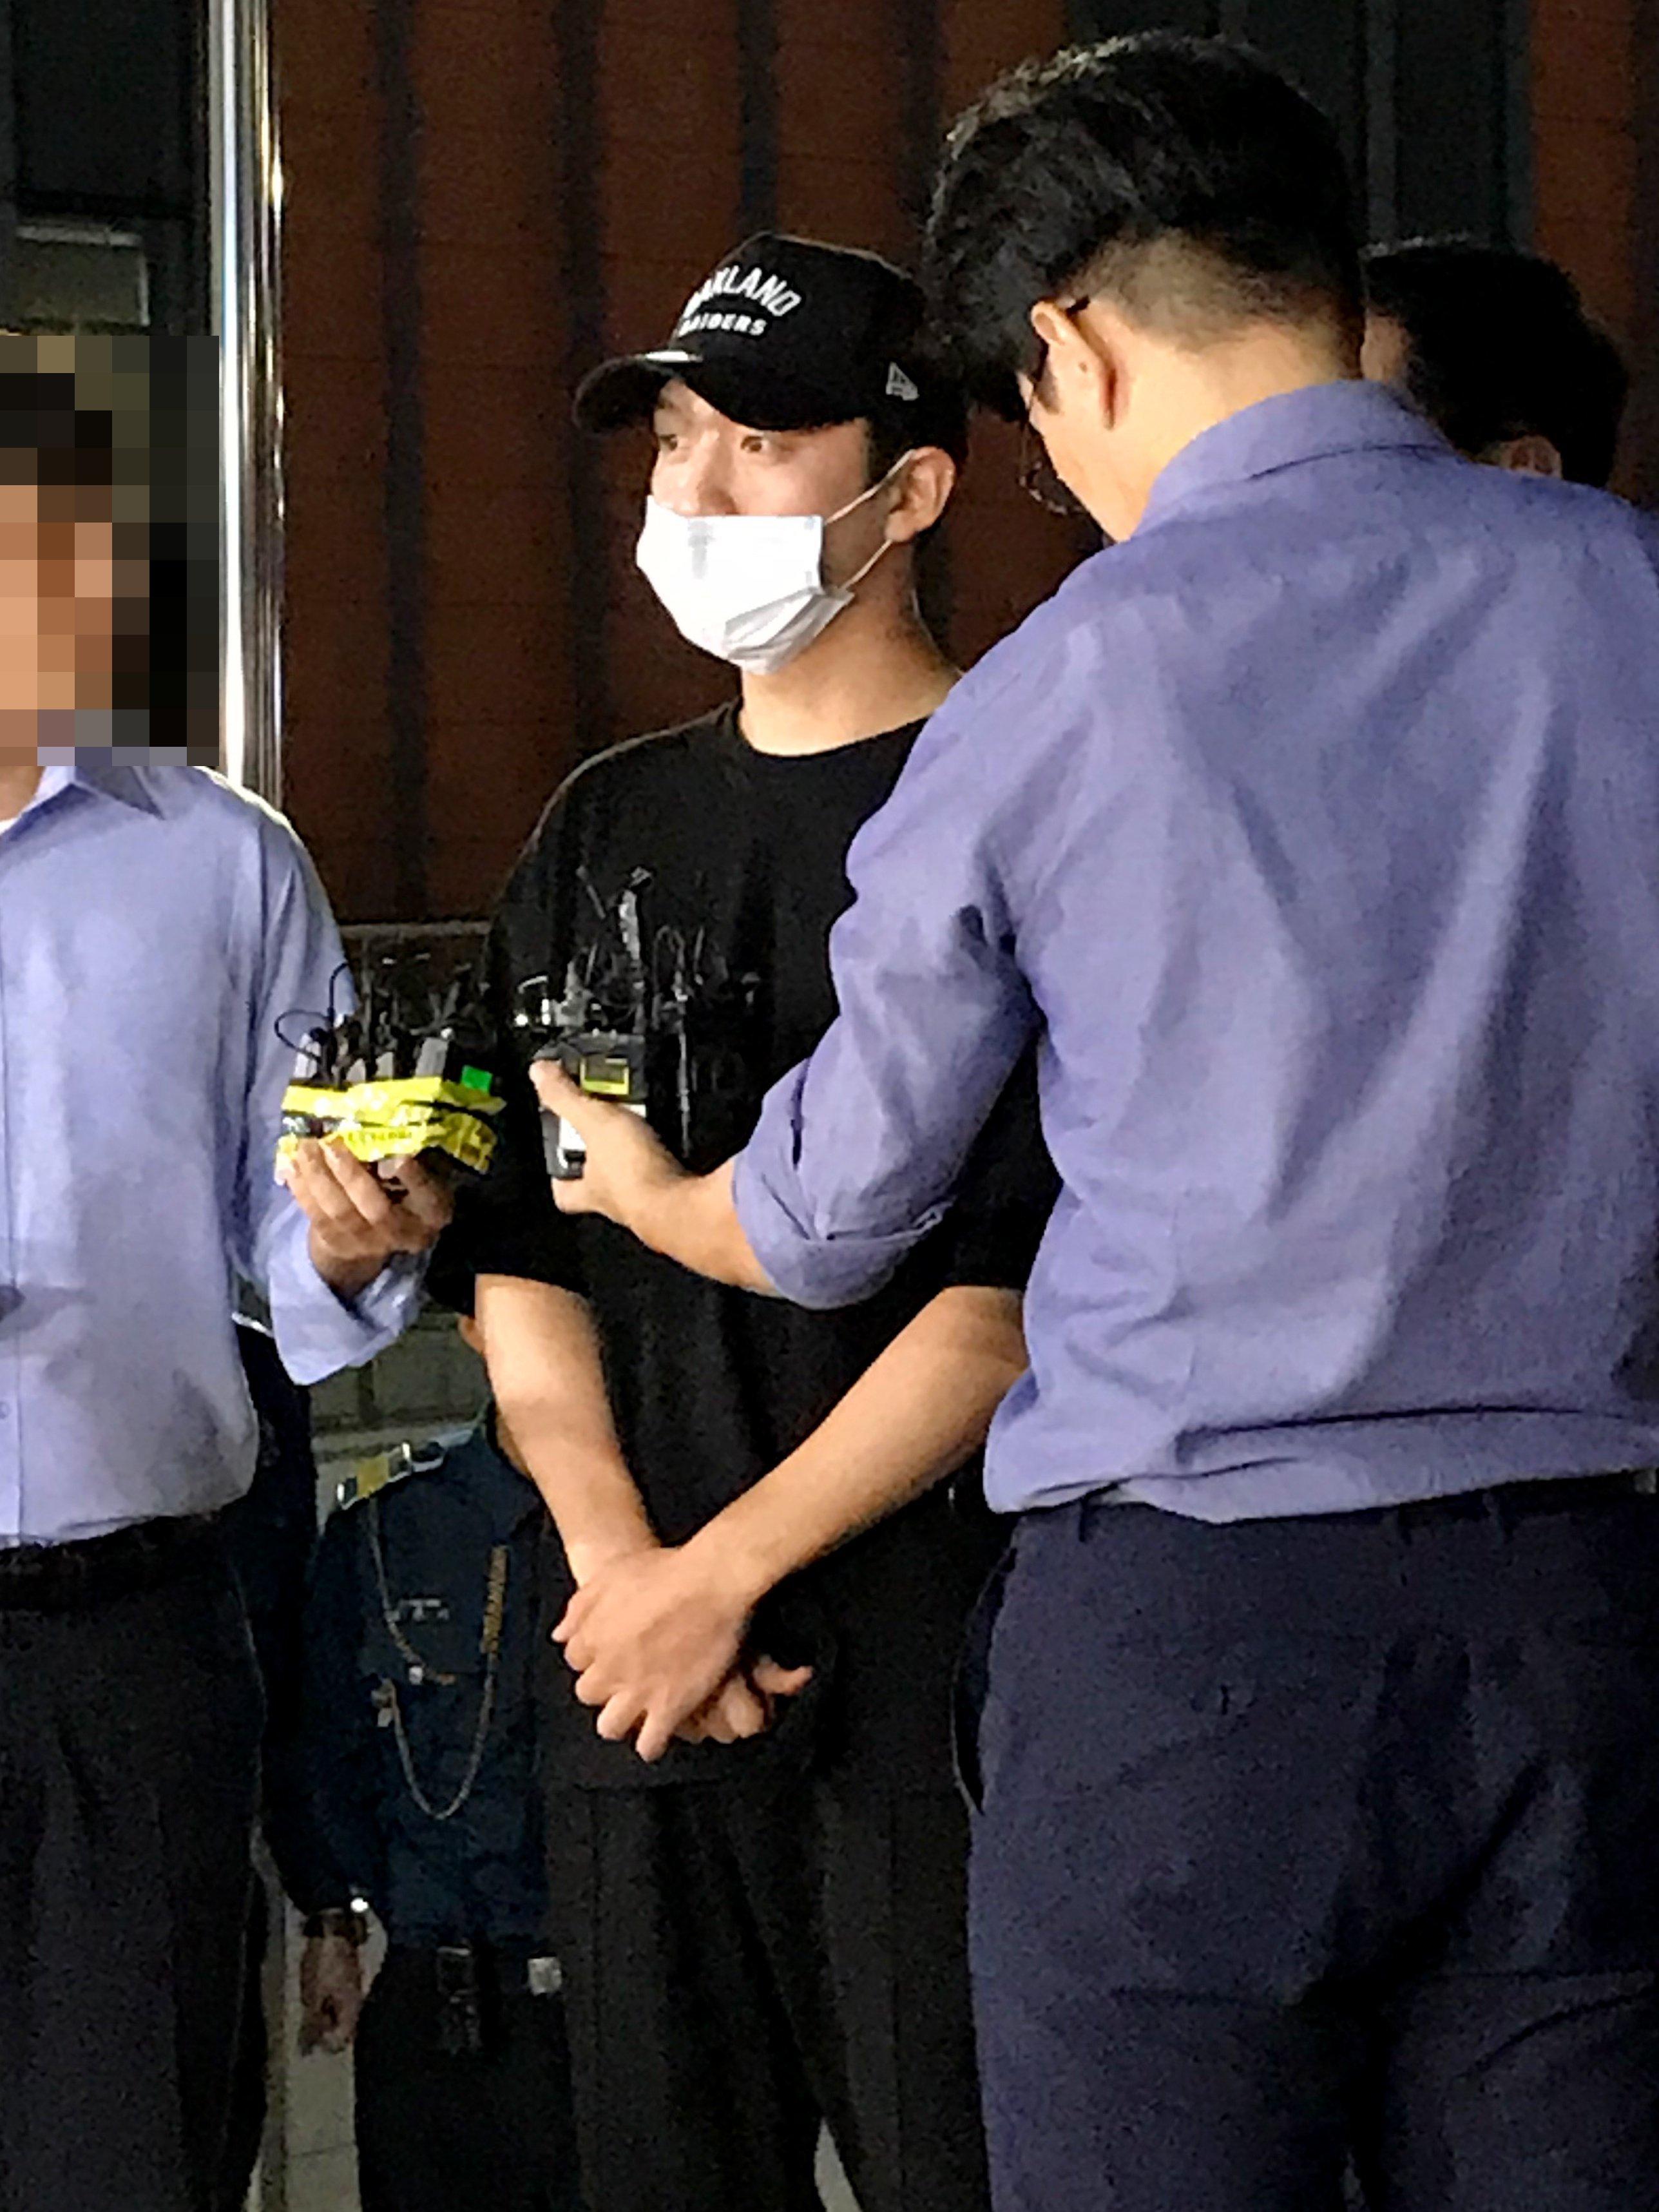 구하라 전 남자친구가 사생활 영상 유포 협박까지 했다는 보도가 나왔다